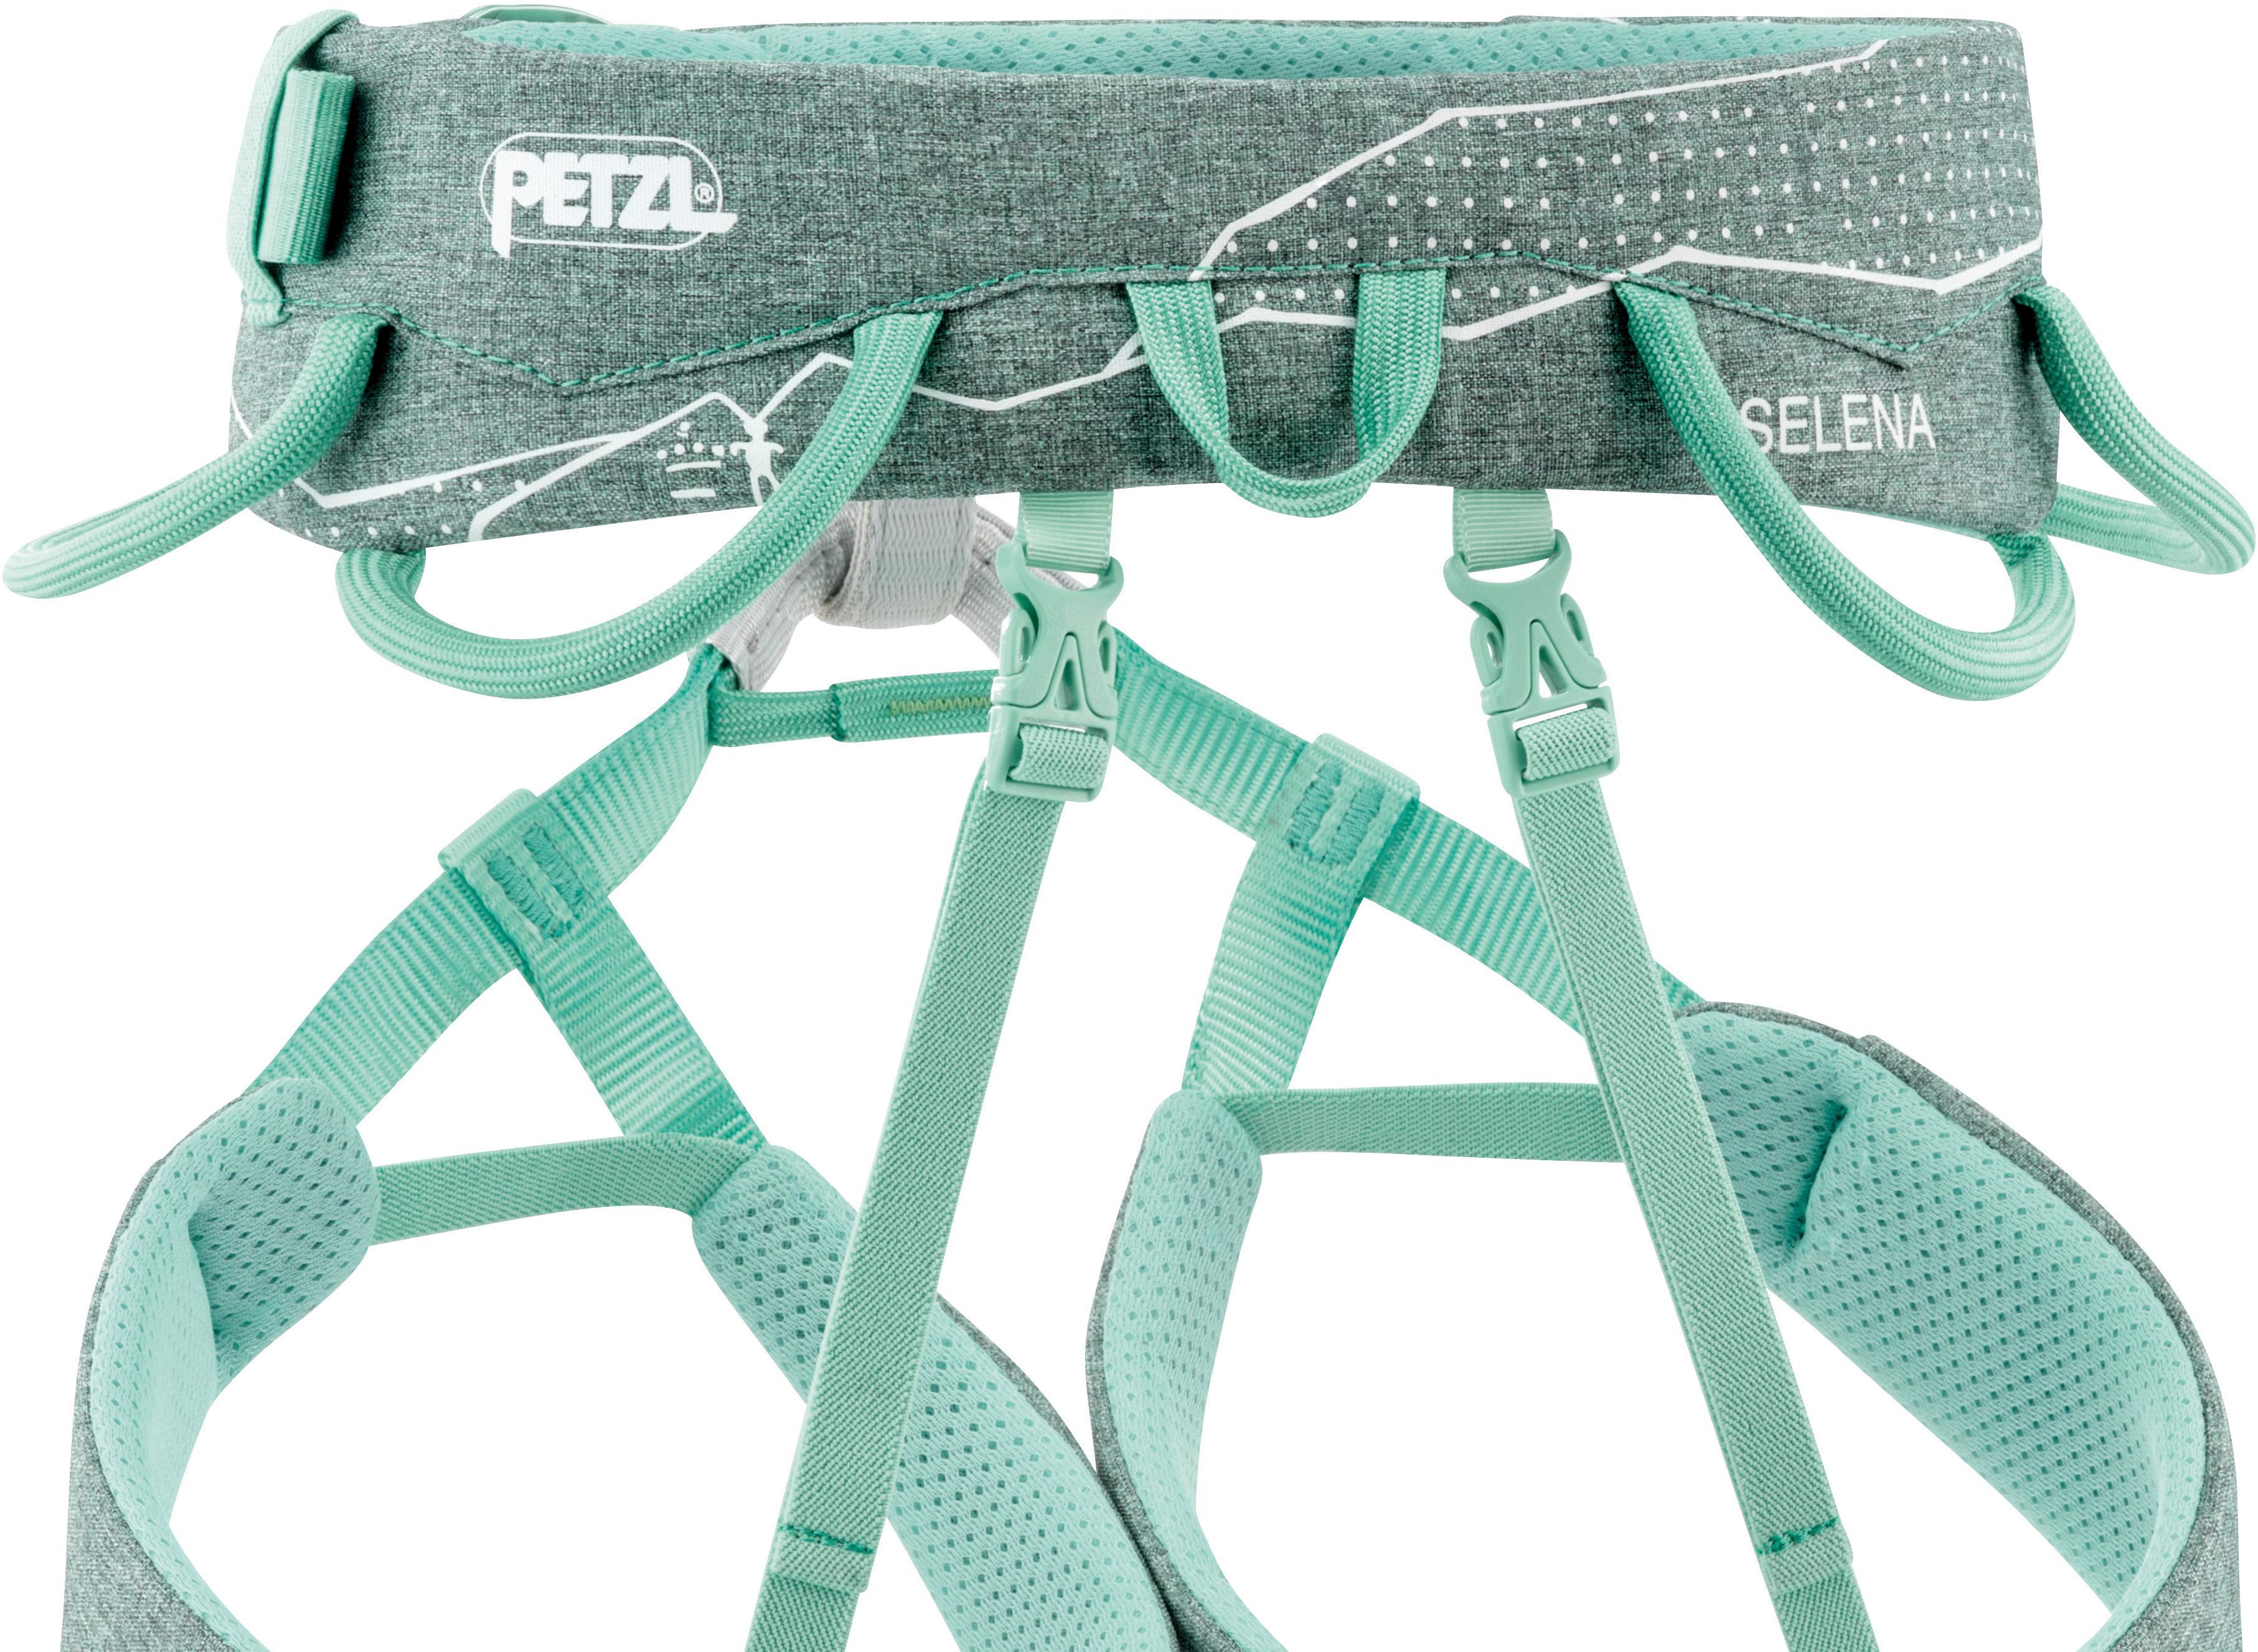 Klettergurt Damen Gebraucht : Petzl selena klettergurt damen grün meliert im online shop von